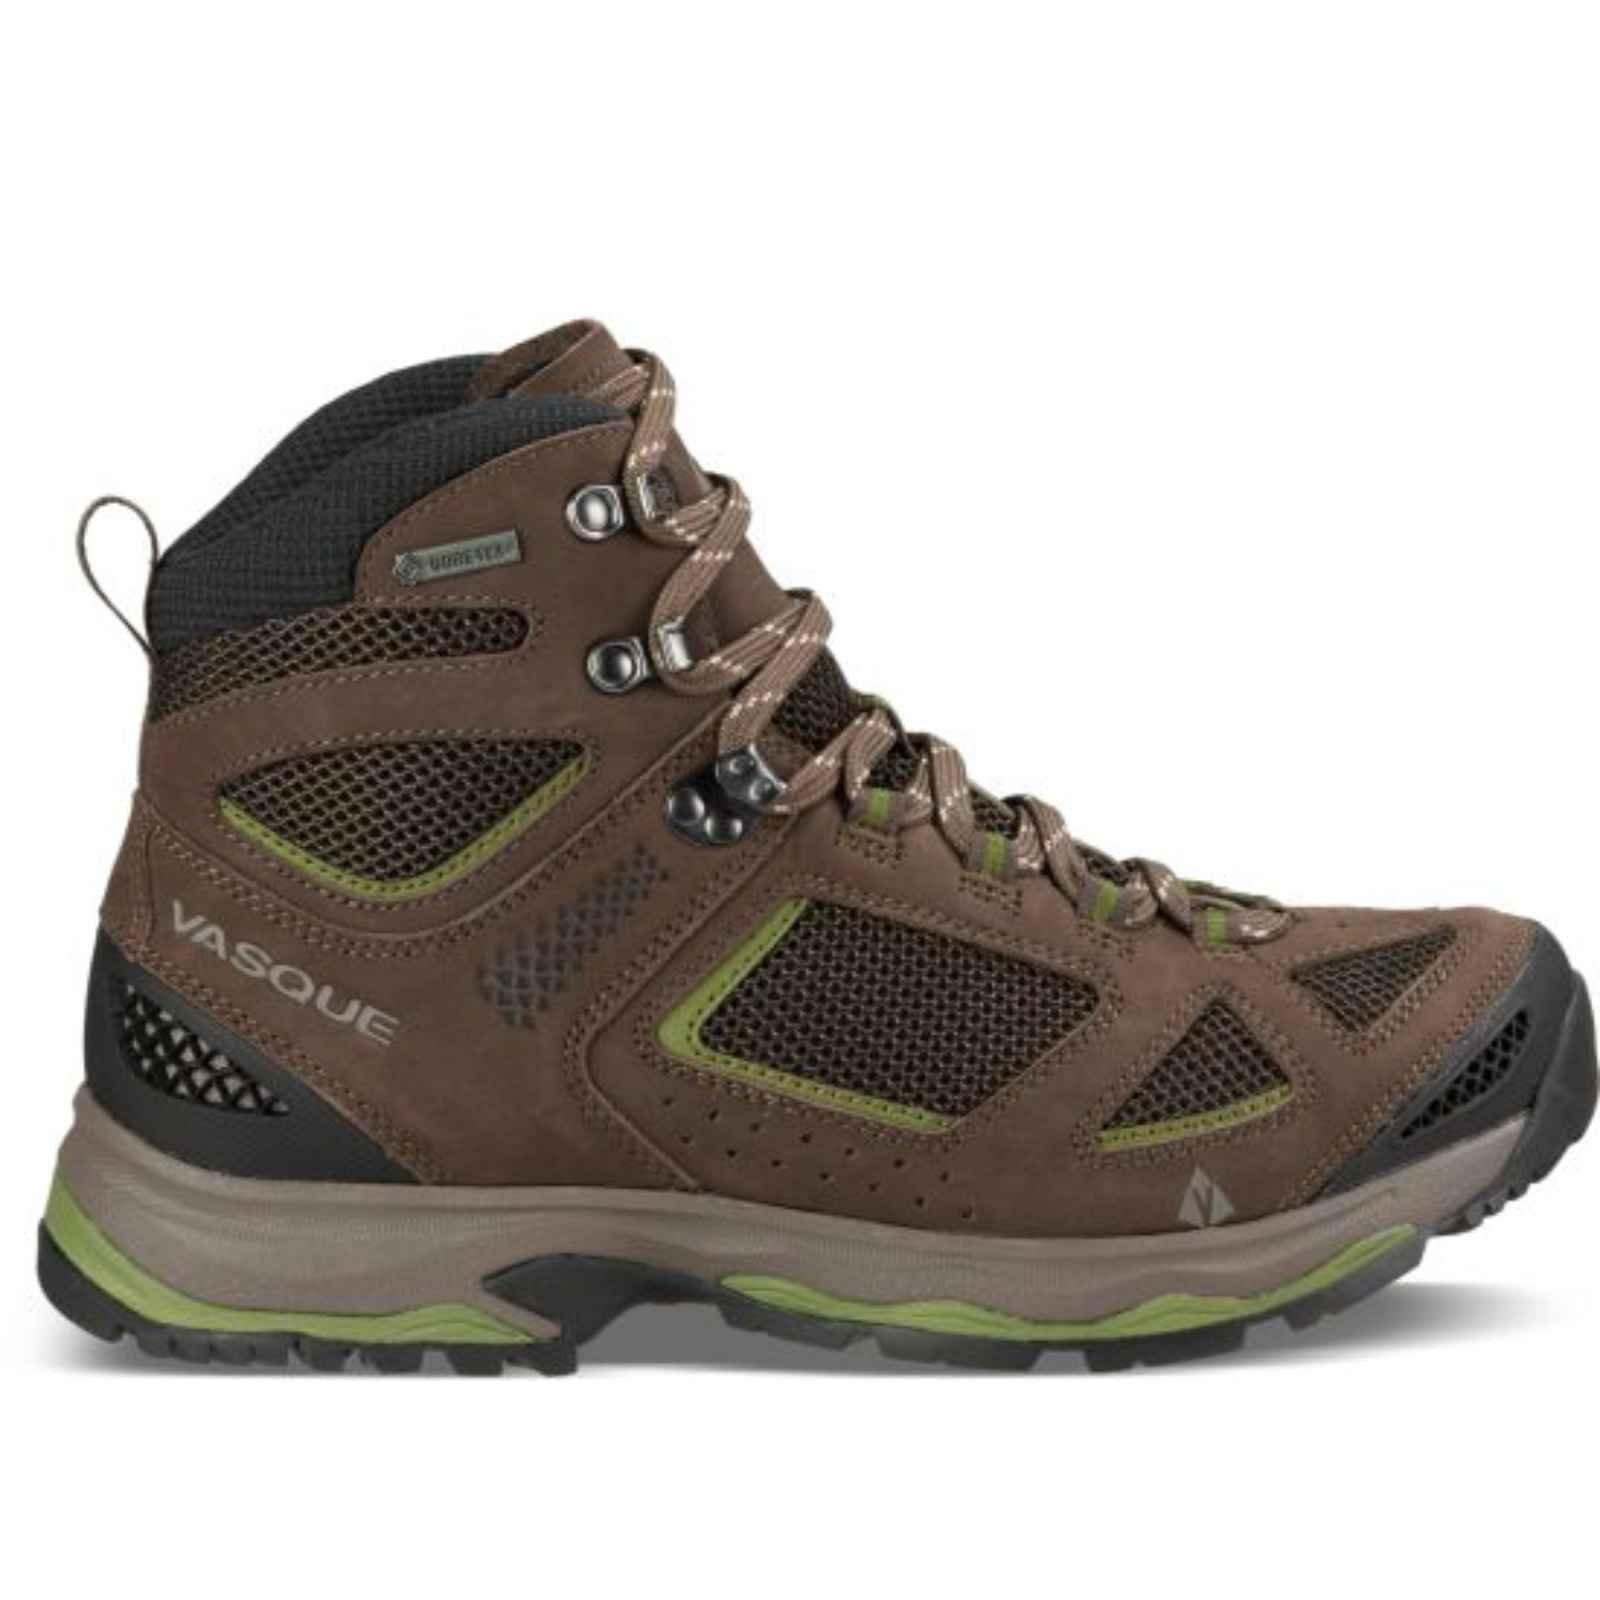 Vasque Breeze III GTX Boot - Men's Brown Olive / Pesto 12 Wide